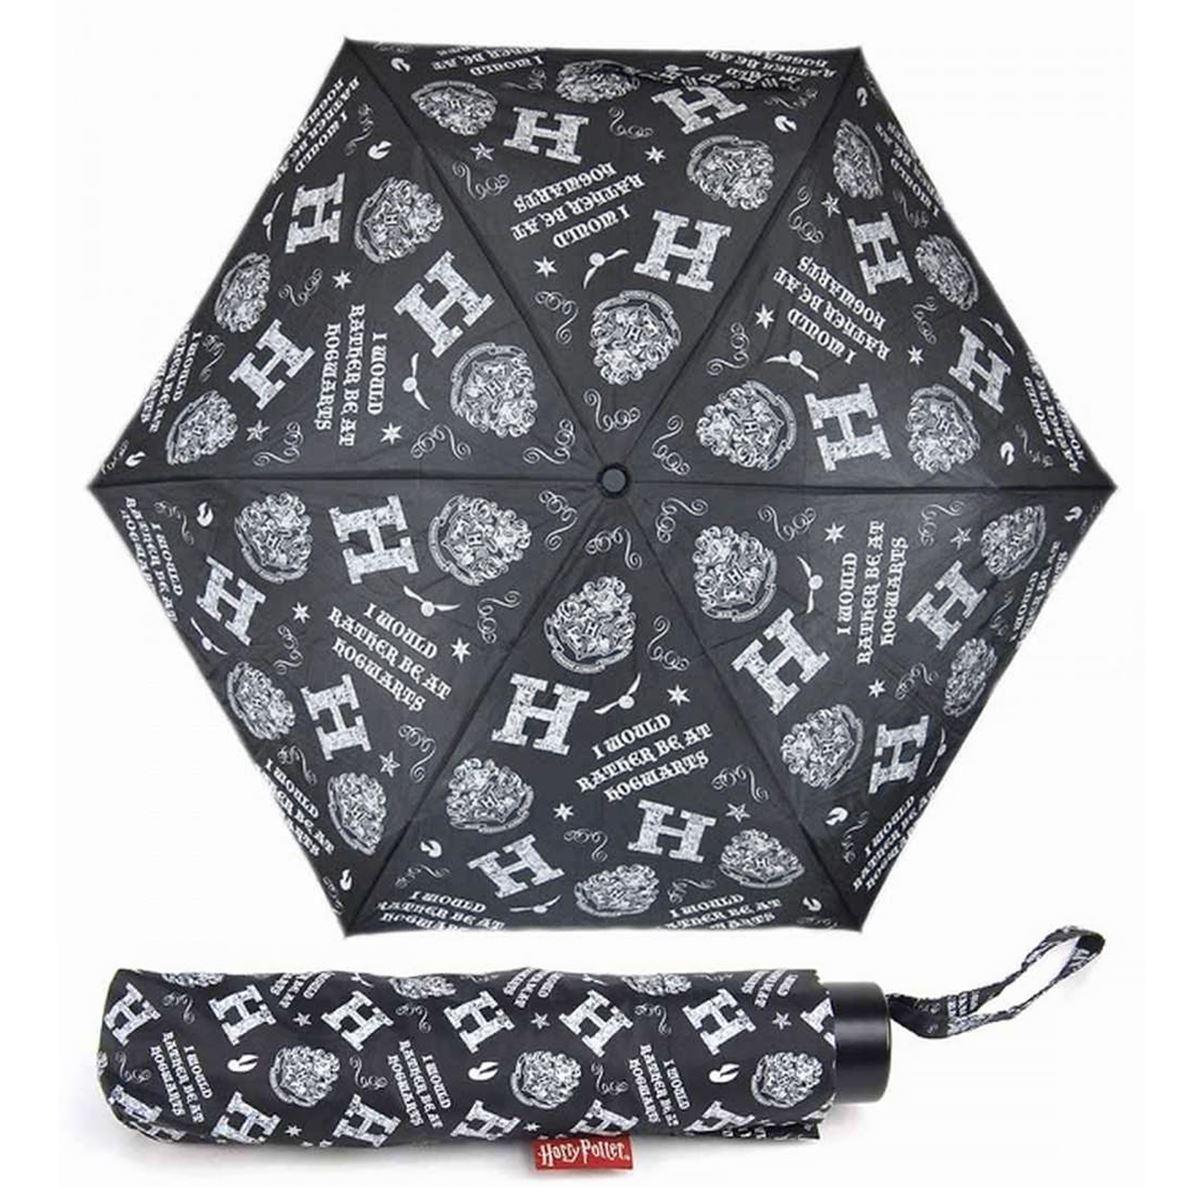 New Harry Potter Hogwarts Or Gryffindor Crest Umbrella